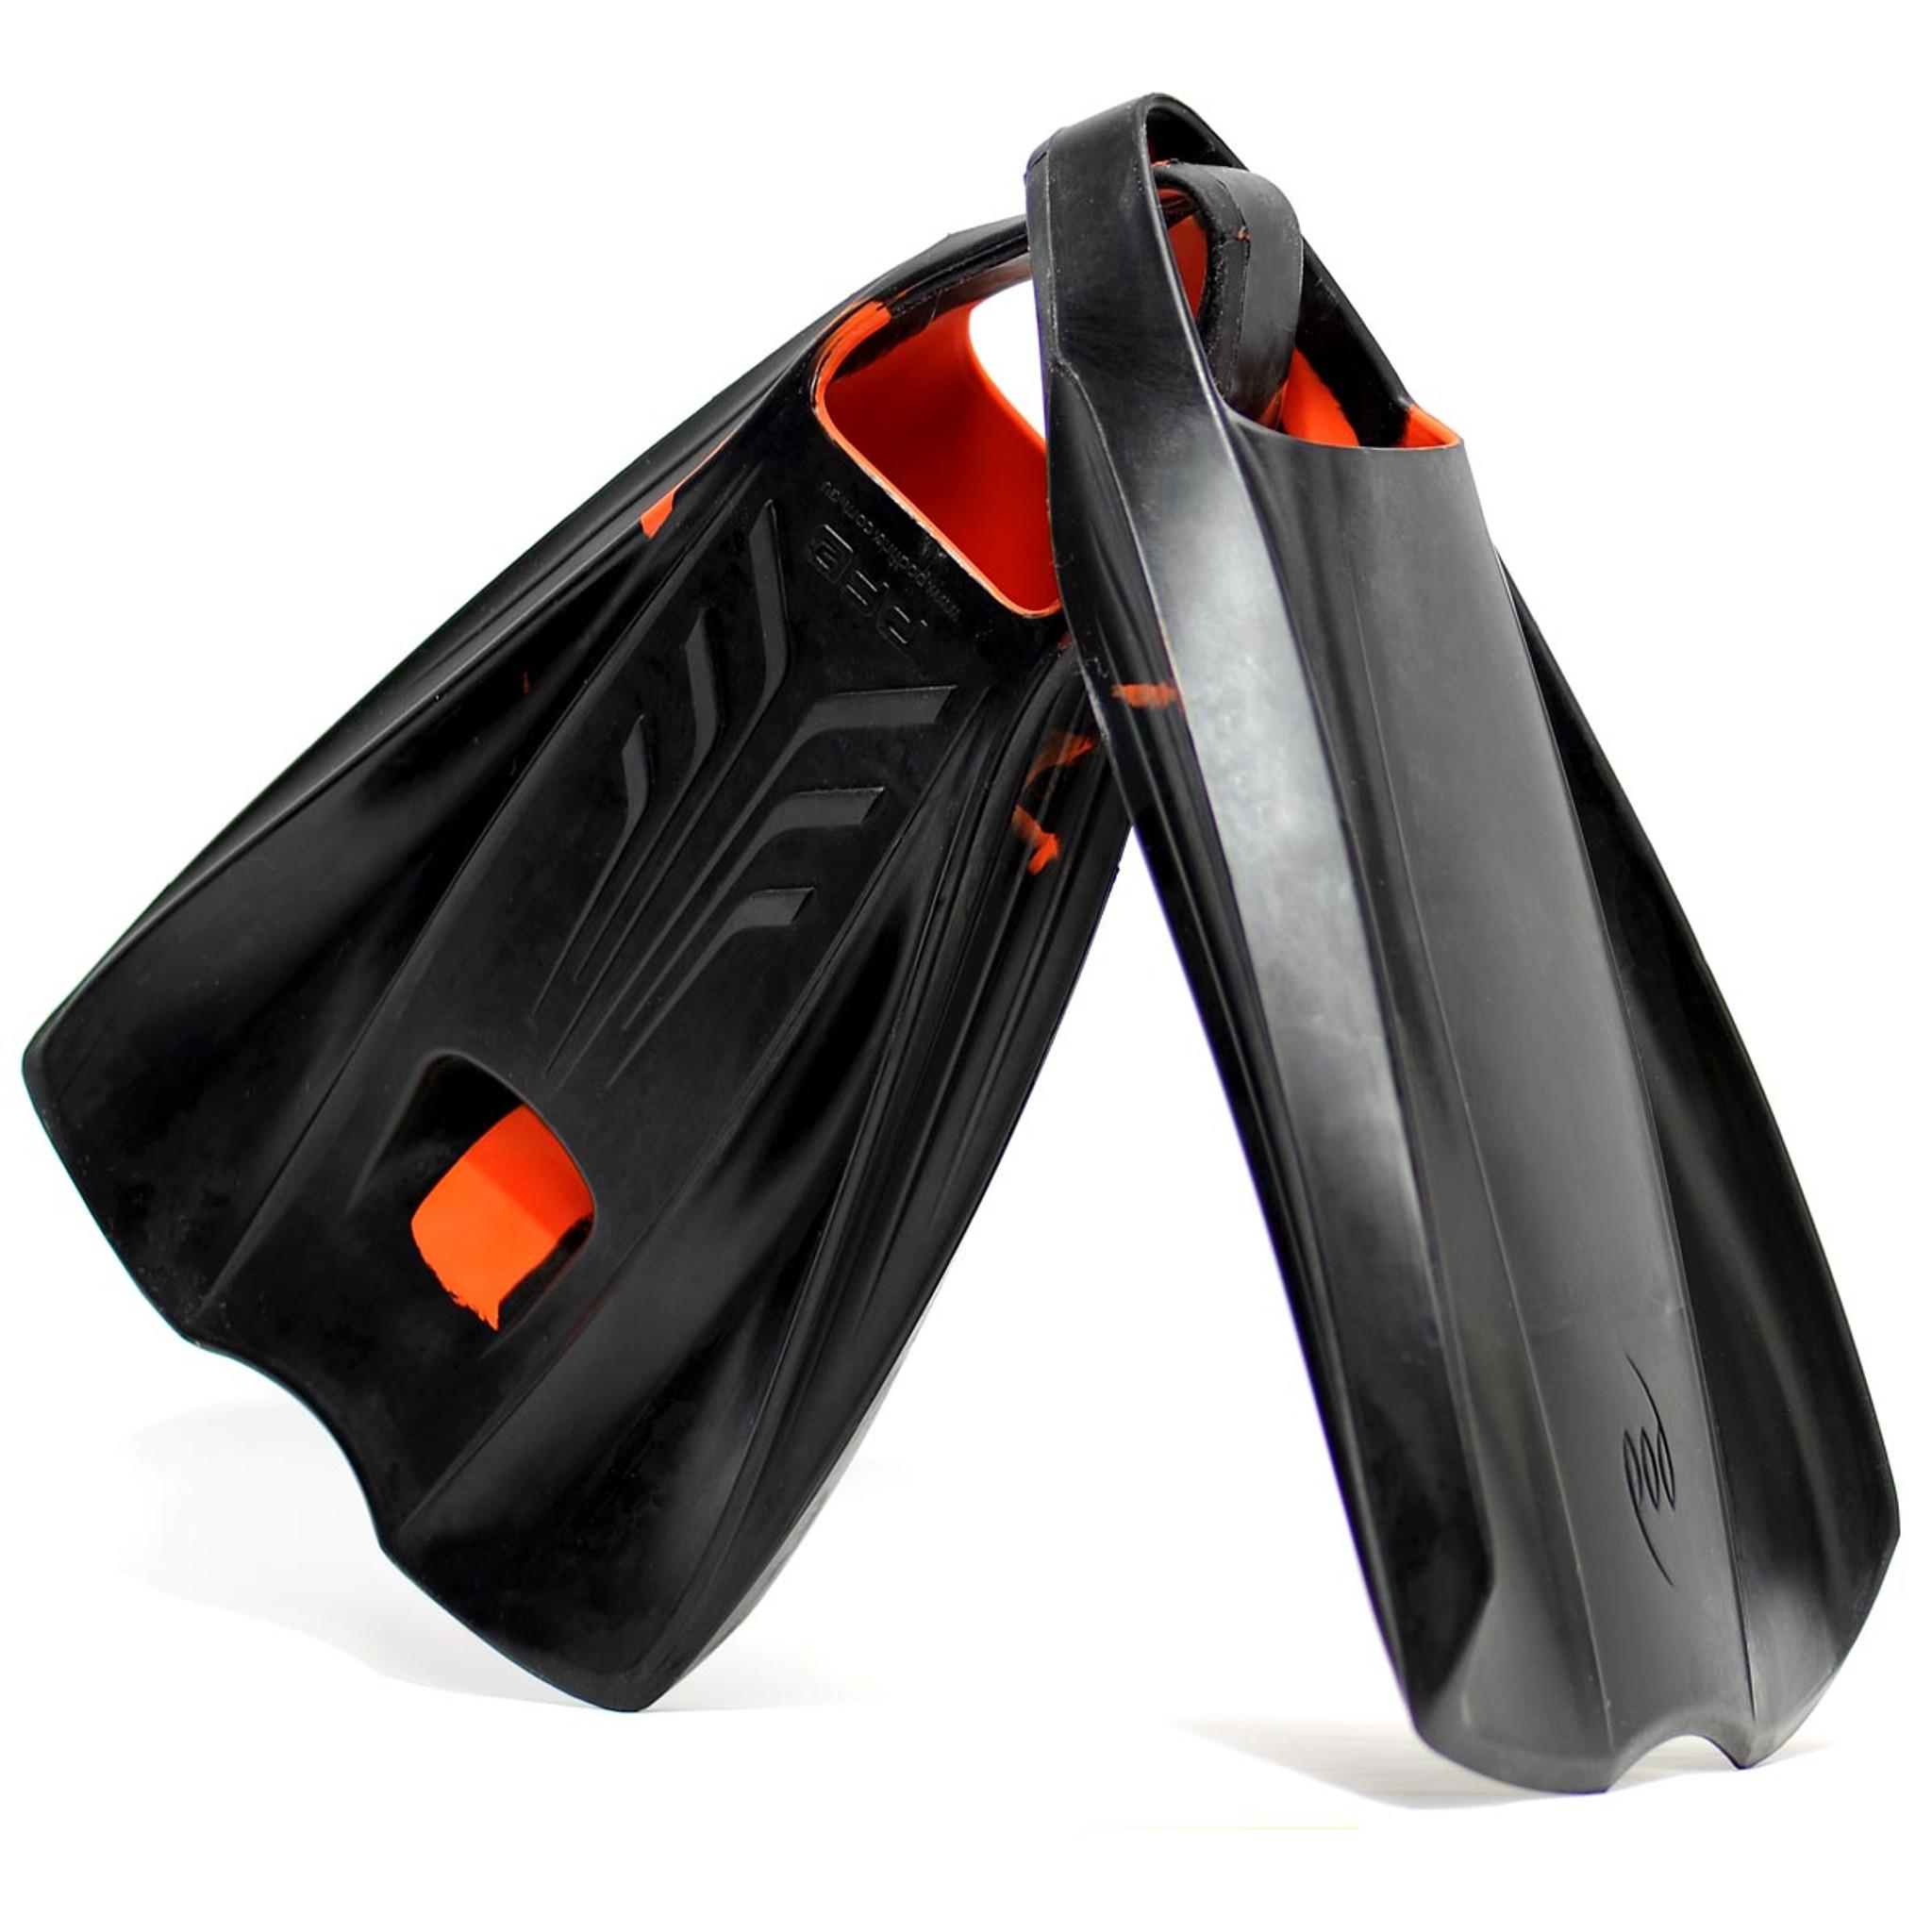 Deluxe Bodysurfing Gear - Handcrafted POD Handboard PF2 Fins